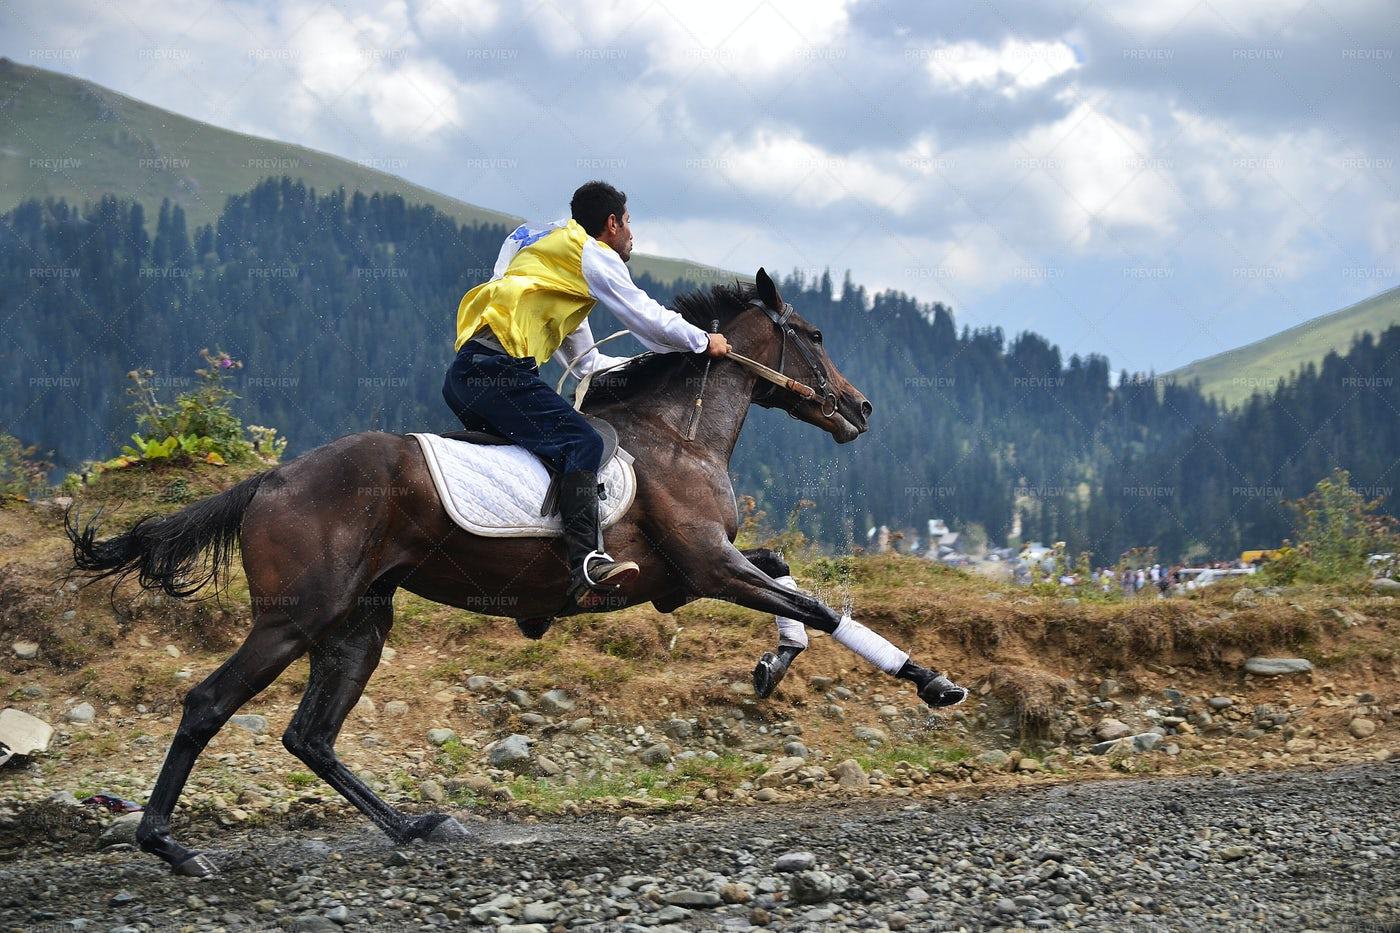 Horse Racing: Stock Photos